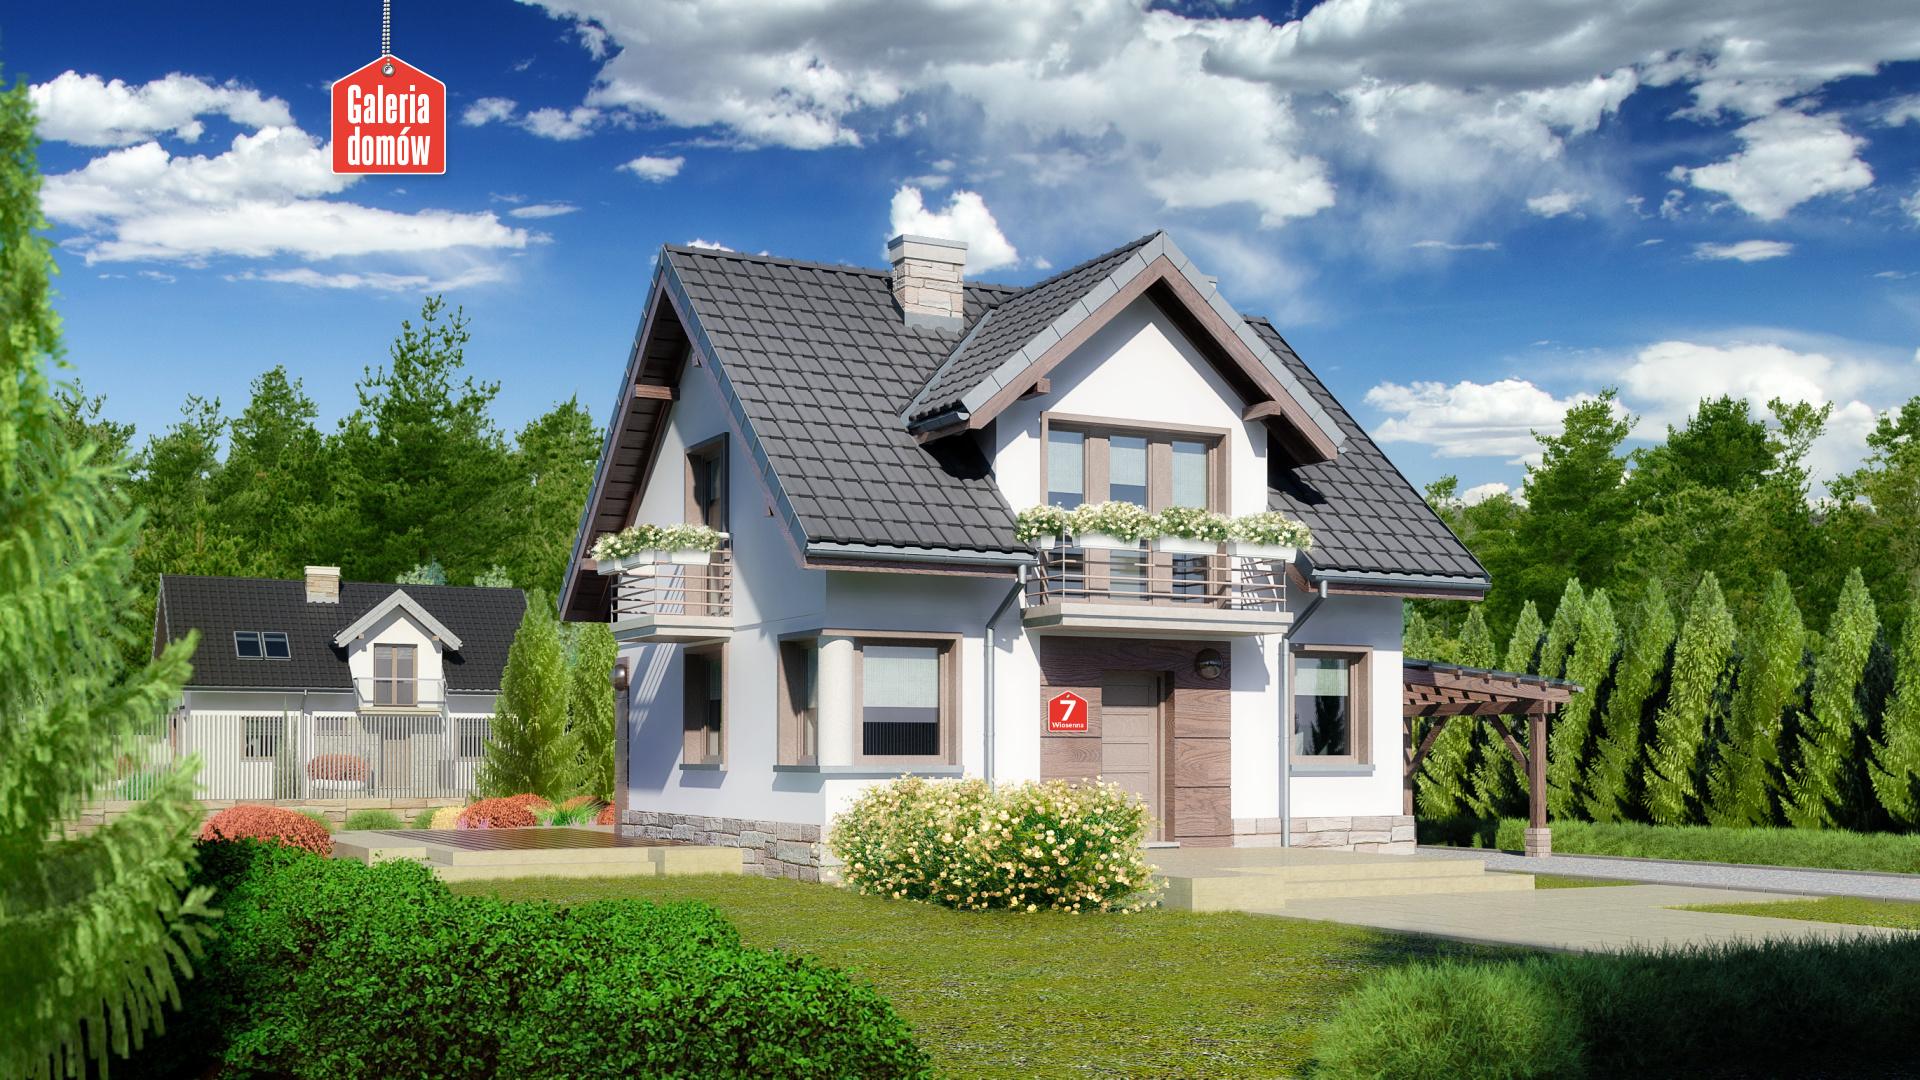 Dom przy Wiosennej 7 - zdjęcie projektu i wizualizacja